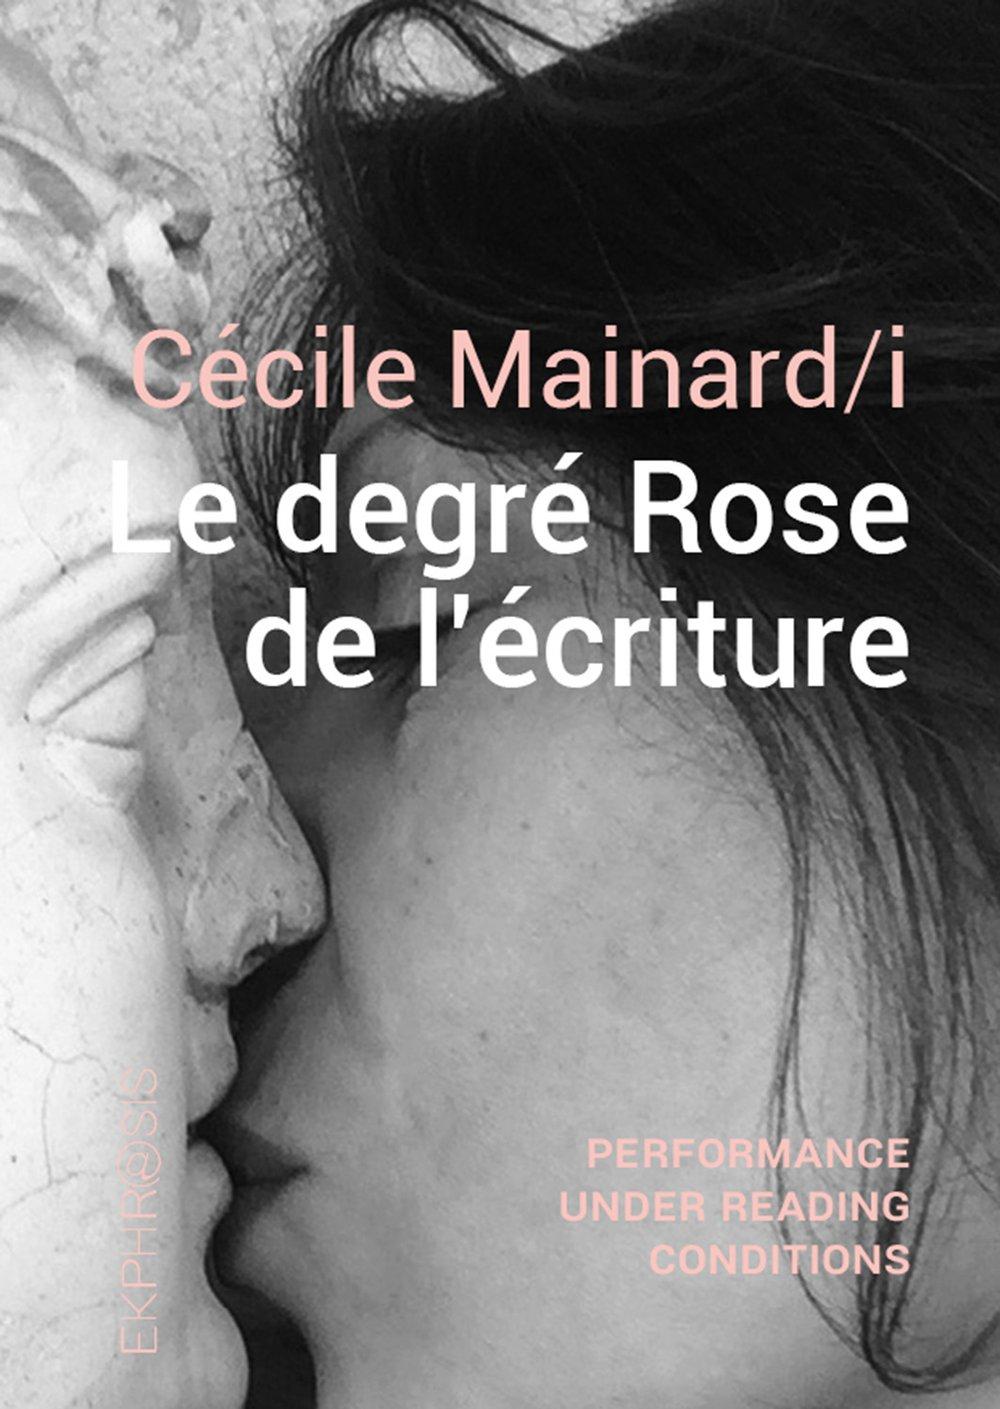 Image of Cécile Mainard/i - Le degré Rose de l'écriture